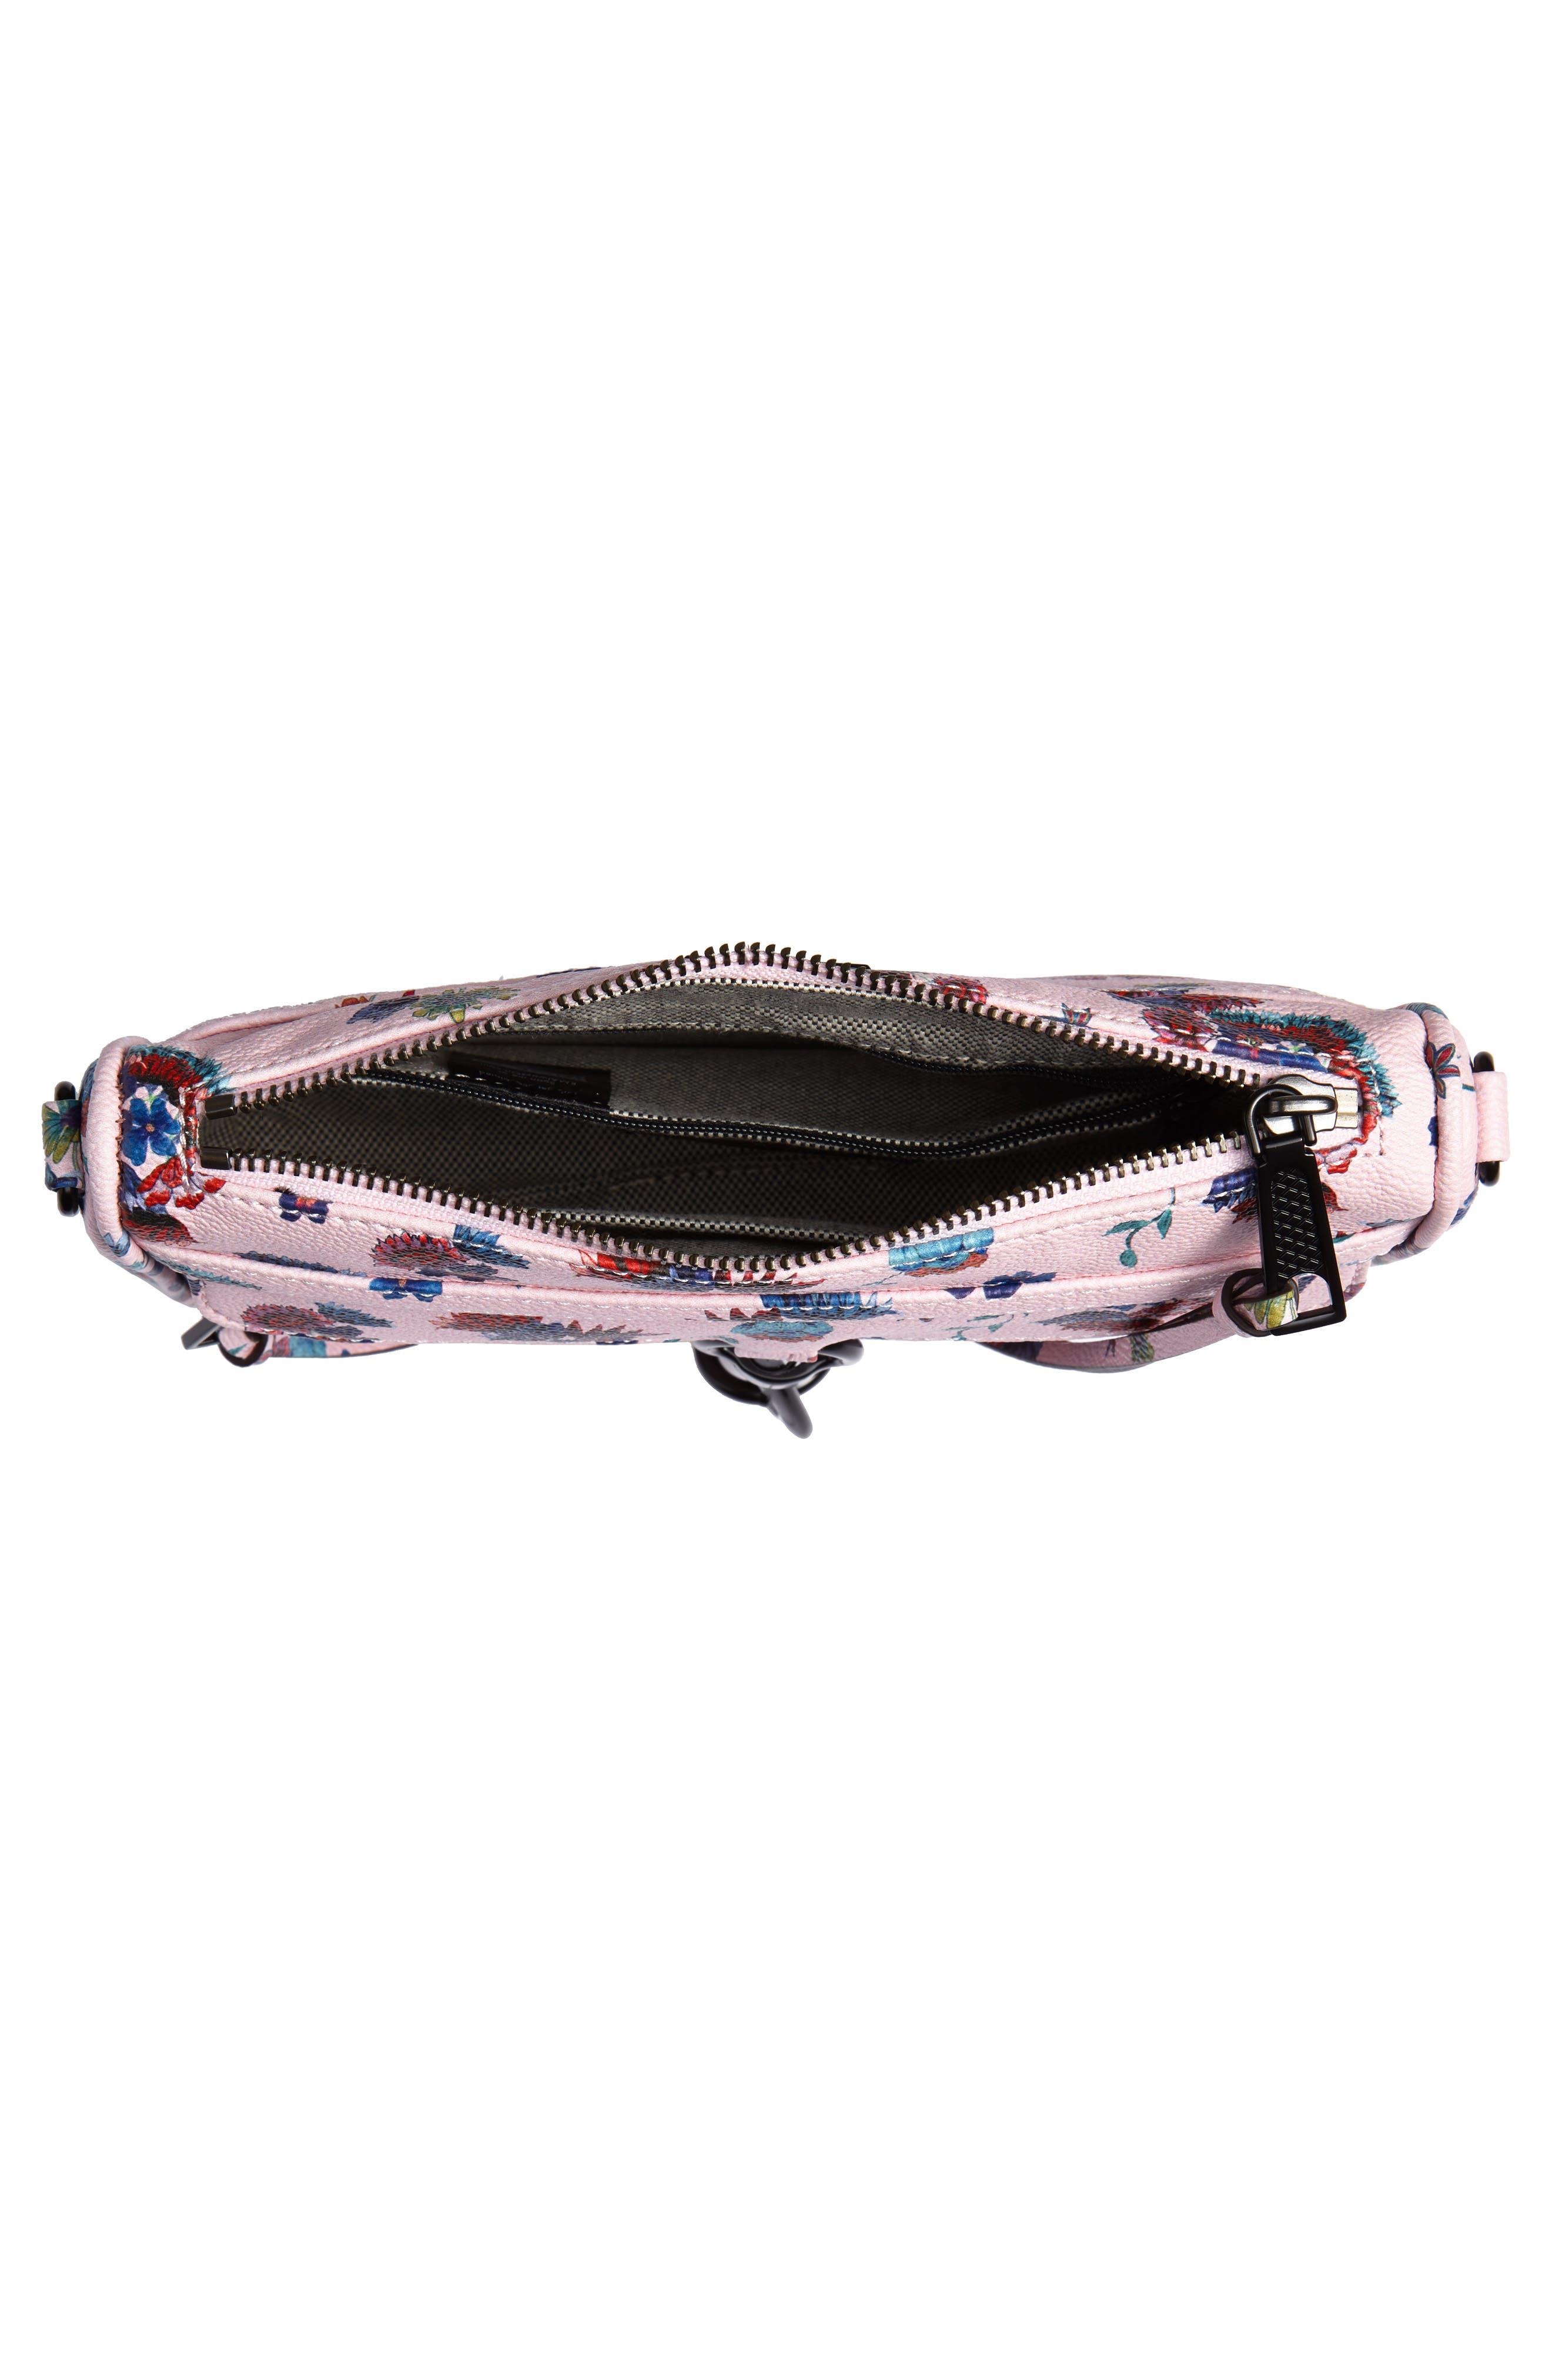 Mini MAC Convertible Crossbody Bag,                             Alternate thumbnail 8, color,